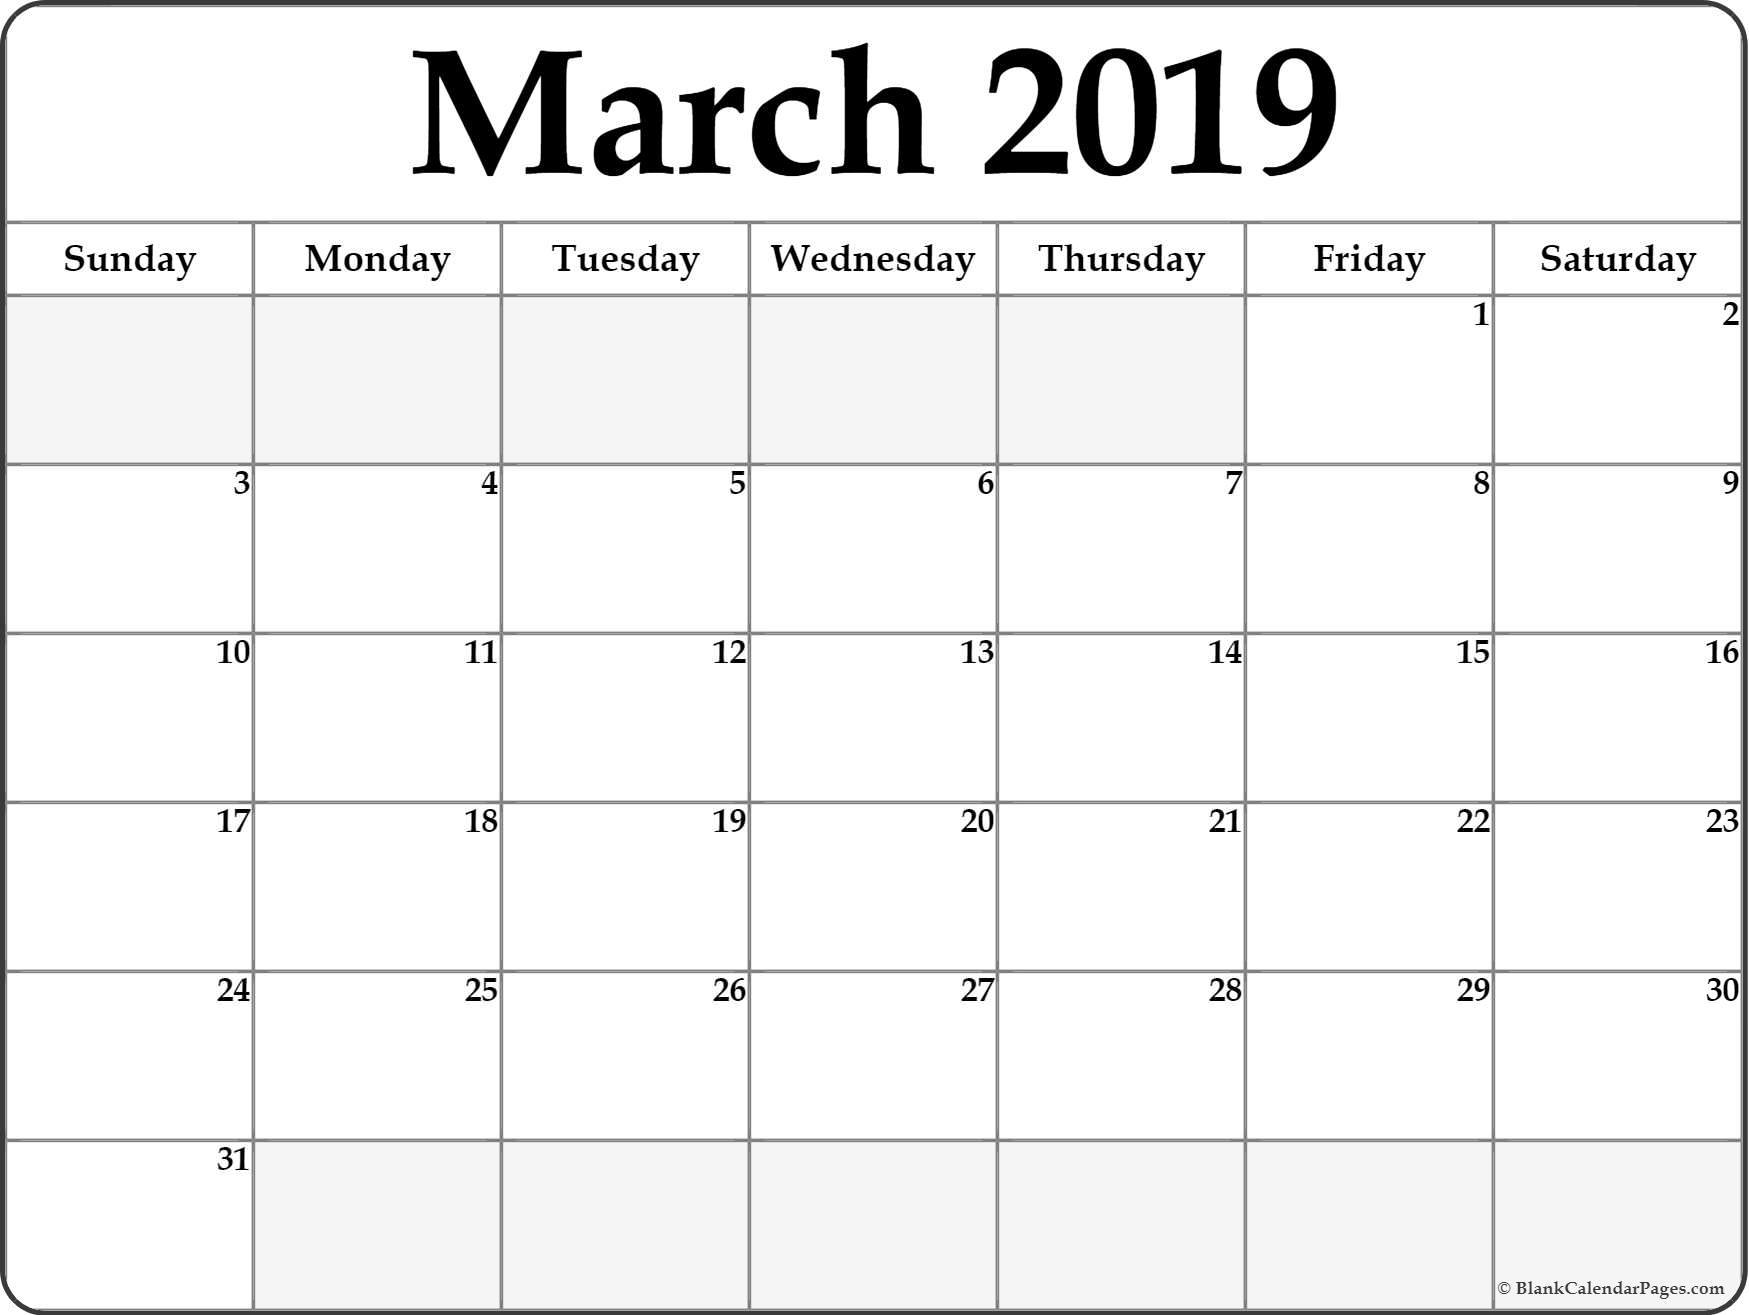 Blank Calendar March 2019 PDF